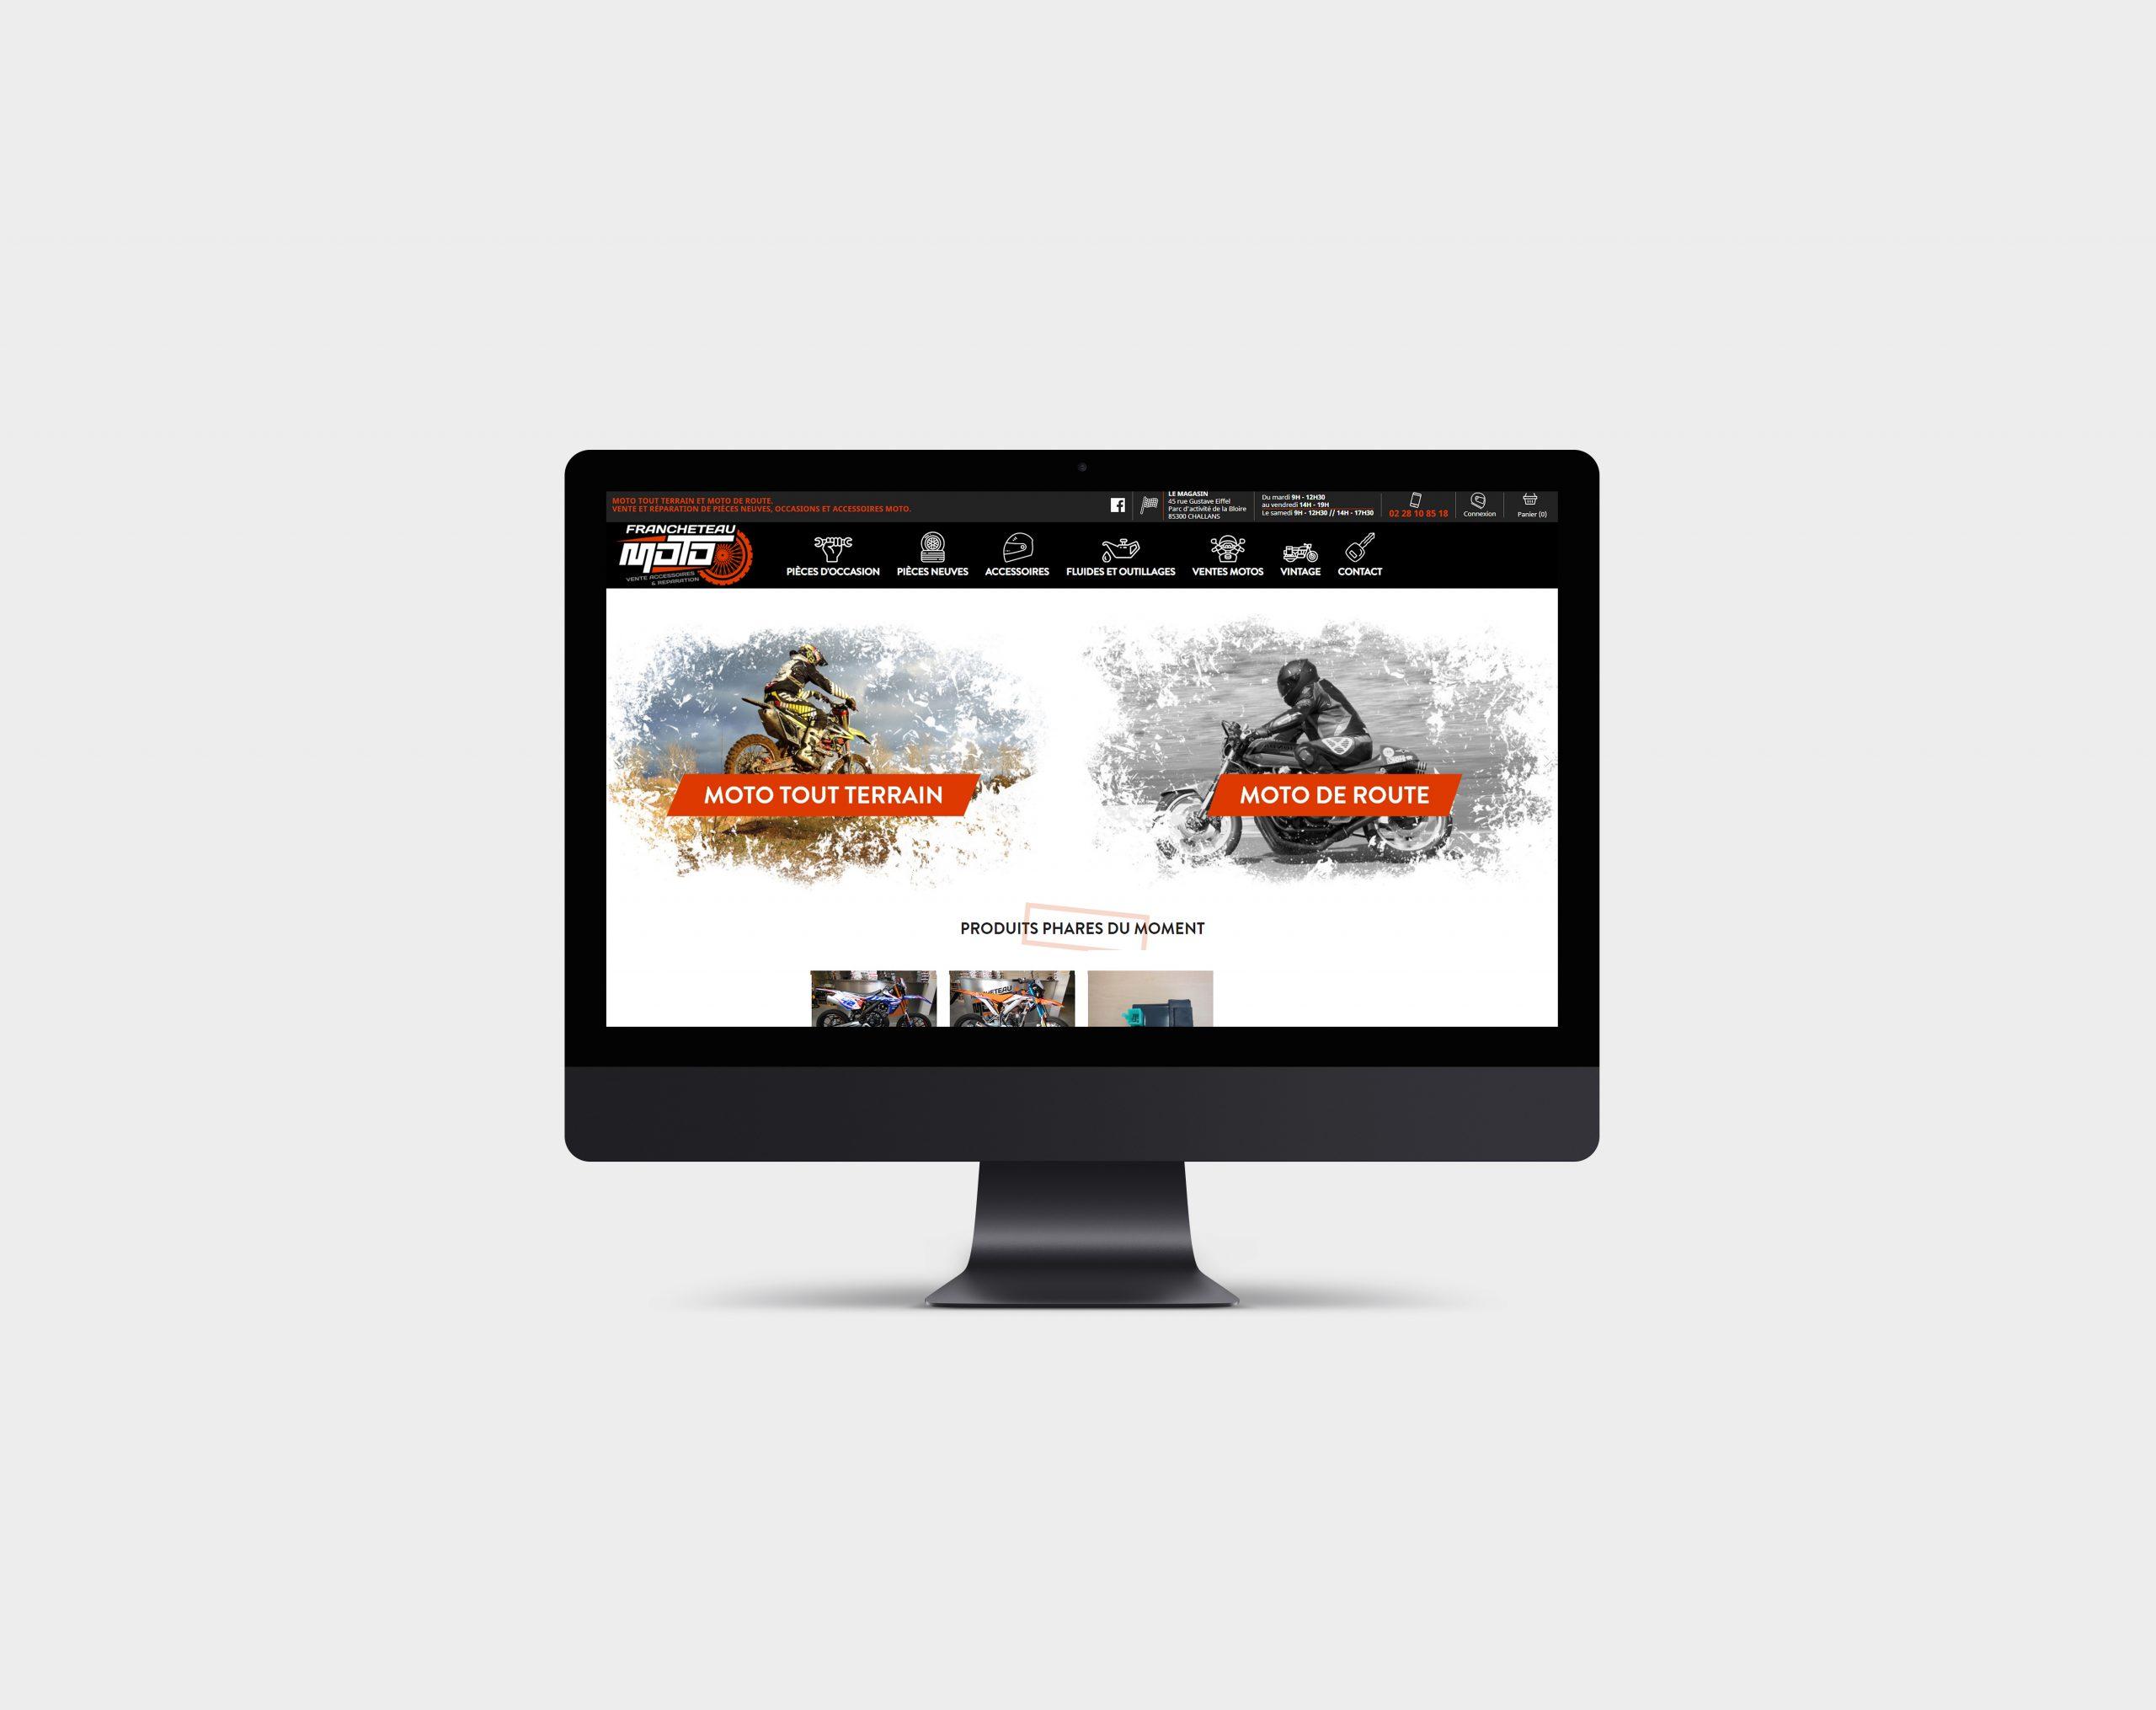 Réalisation du site Francheteau Moto par l'agence web Espace Technologie à Challans 85 Vendée